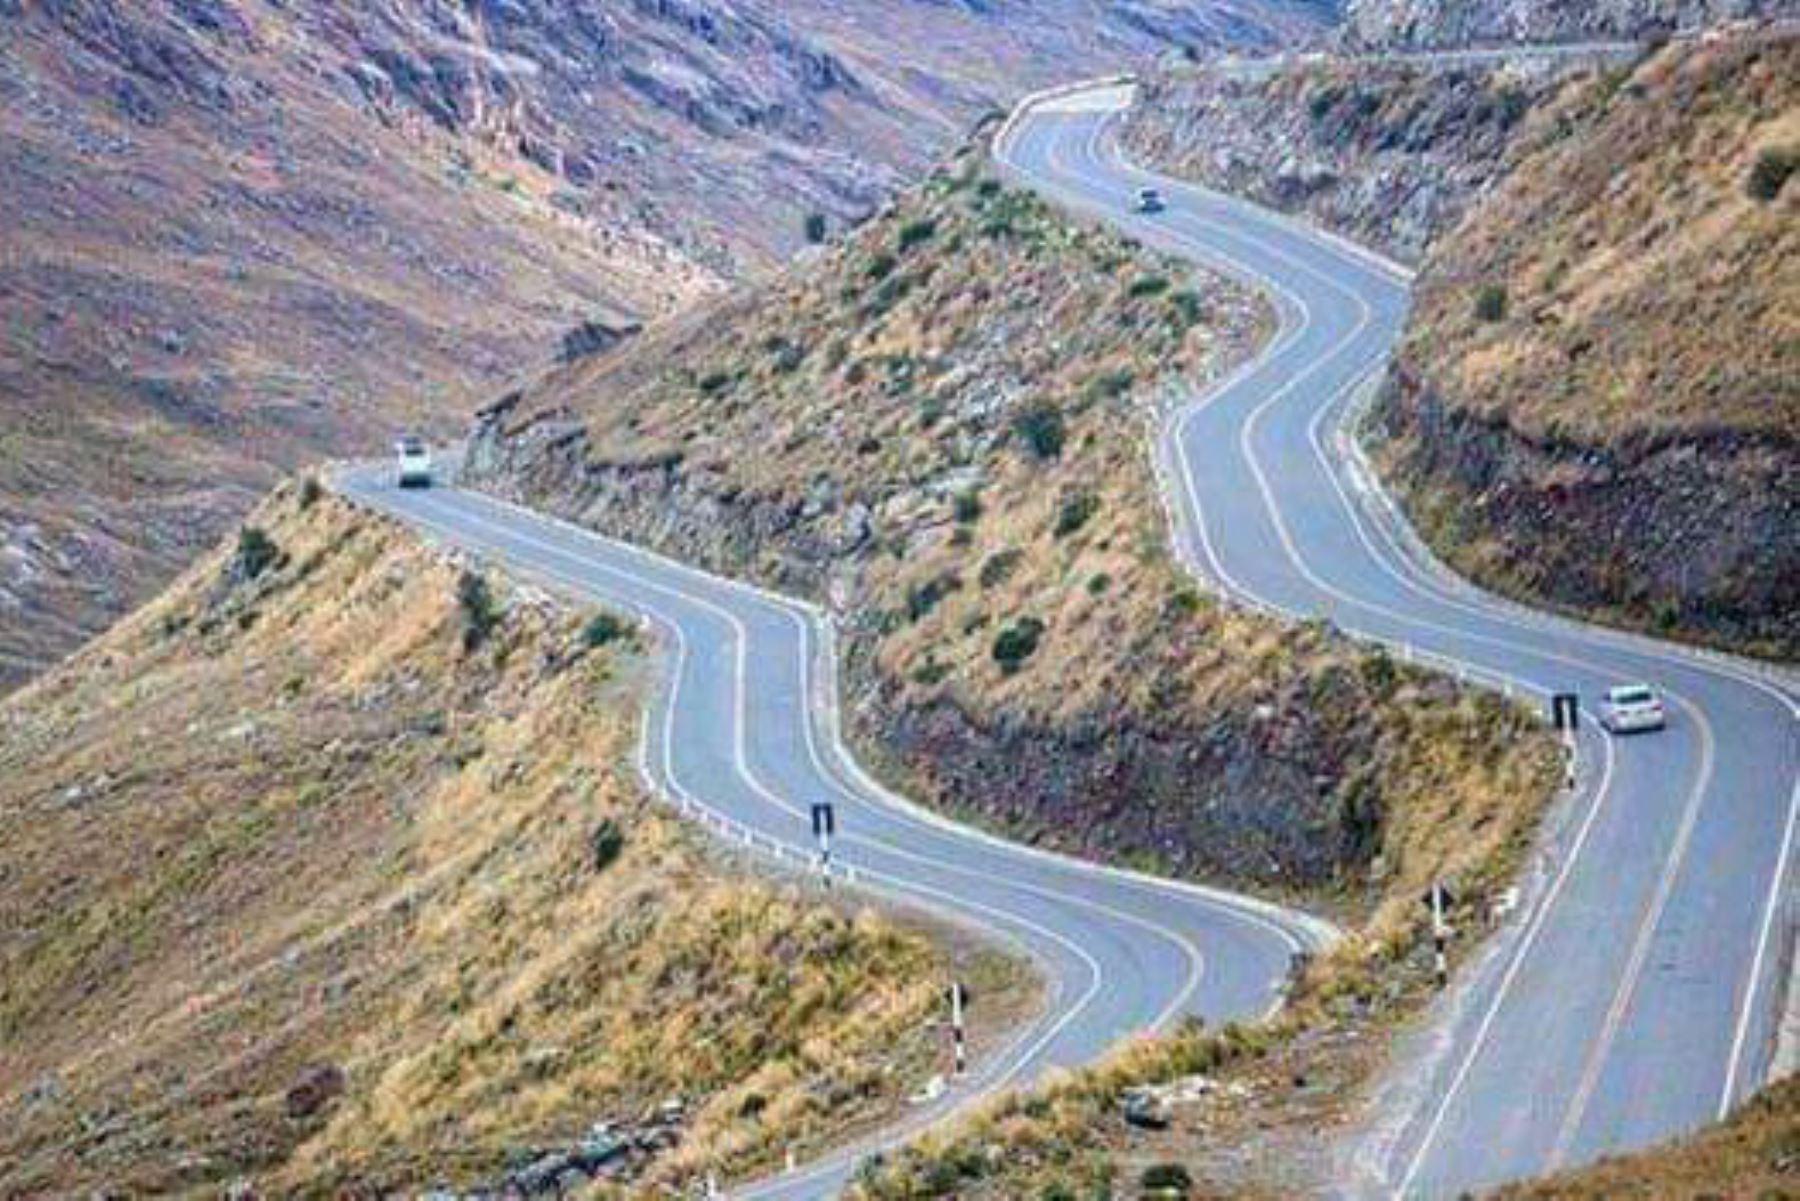 El Gobierno Regional de Áncash concluyó el asfaltado de 85 kilómetros de la vía Cátac-Túnel de Cahuis-Chavín de Huántar-San Marcos-Succha.